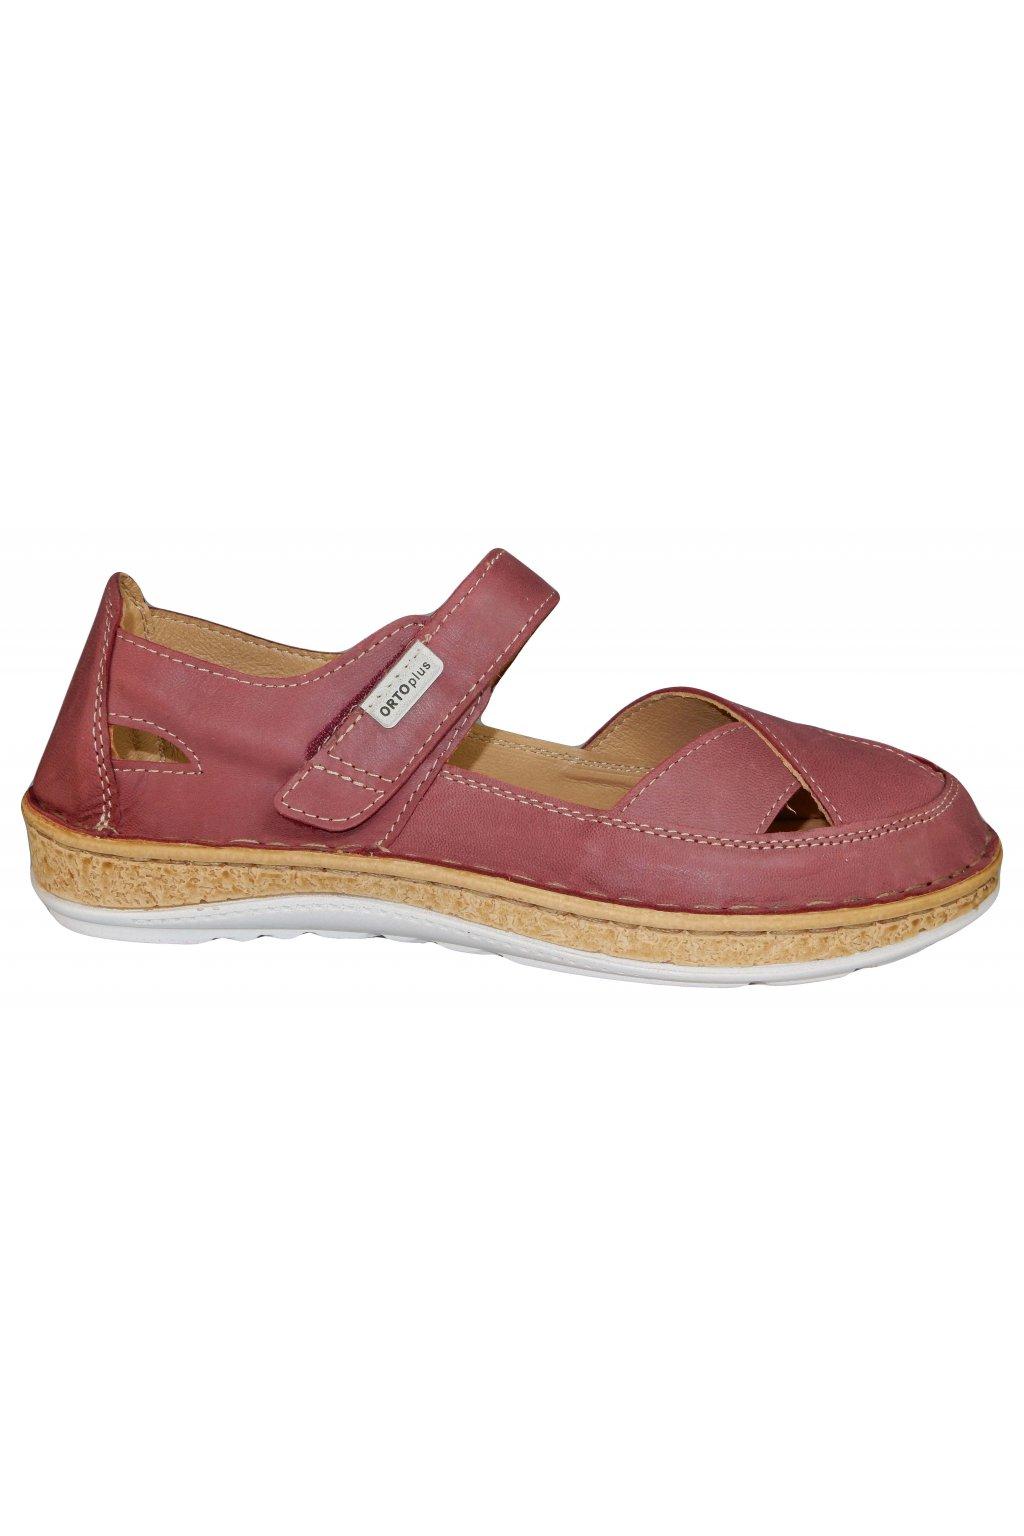 Dámská vycházková zdravotní obuv ORTO PLUS 4003 I